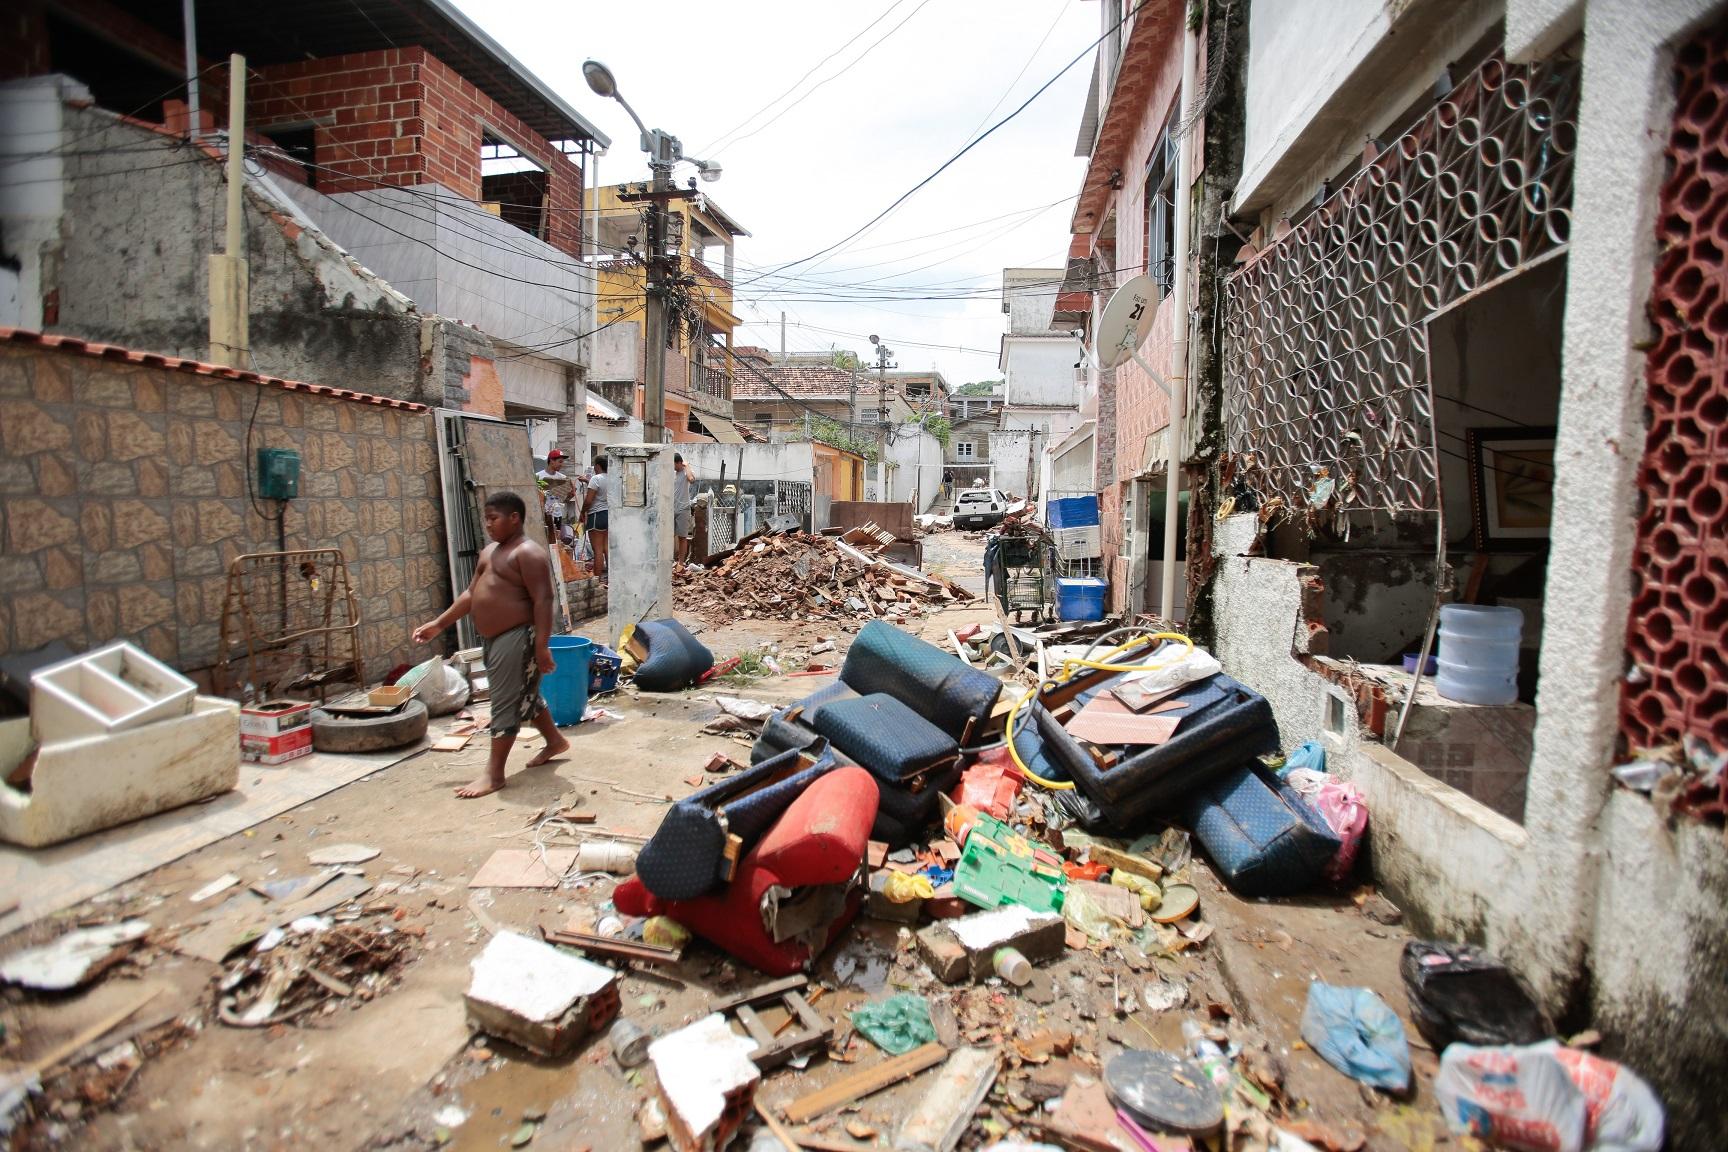 O lixo deixado pelo temporal que destruiu três vilas em Cascadura. Foto Brenno Carvalho /Agência O Globo.